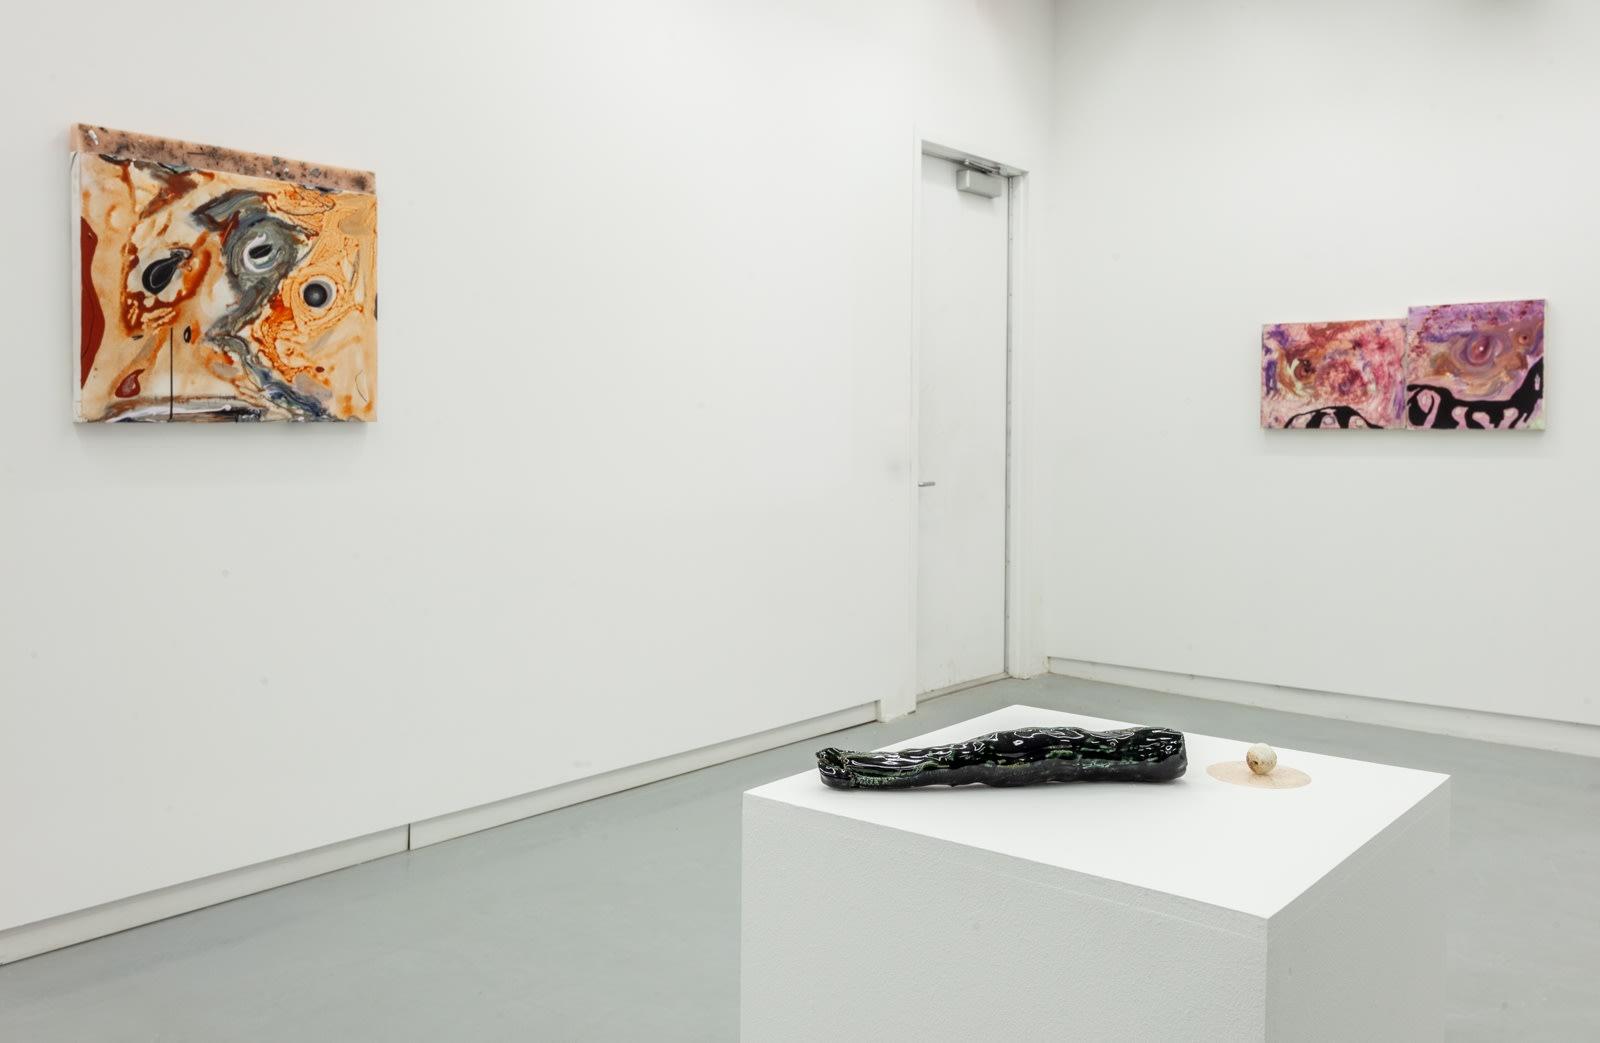 Manuel Mathieu, Negroland: A Landscape of Desires